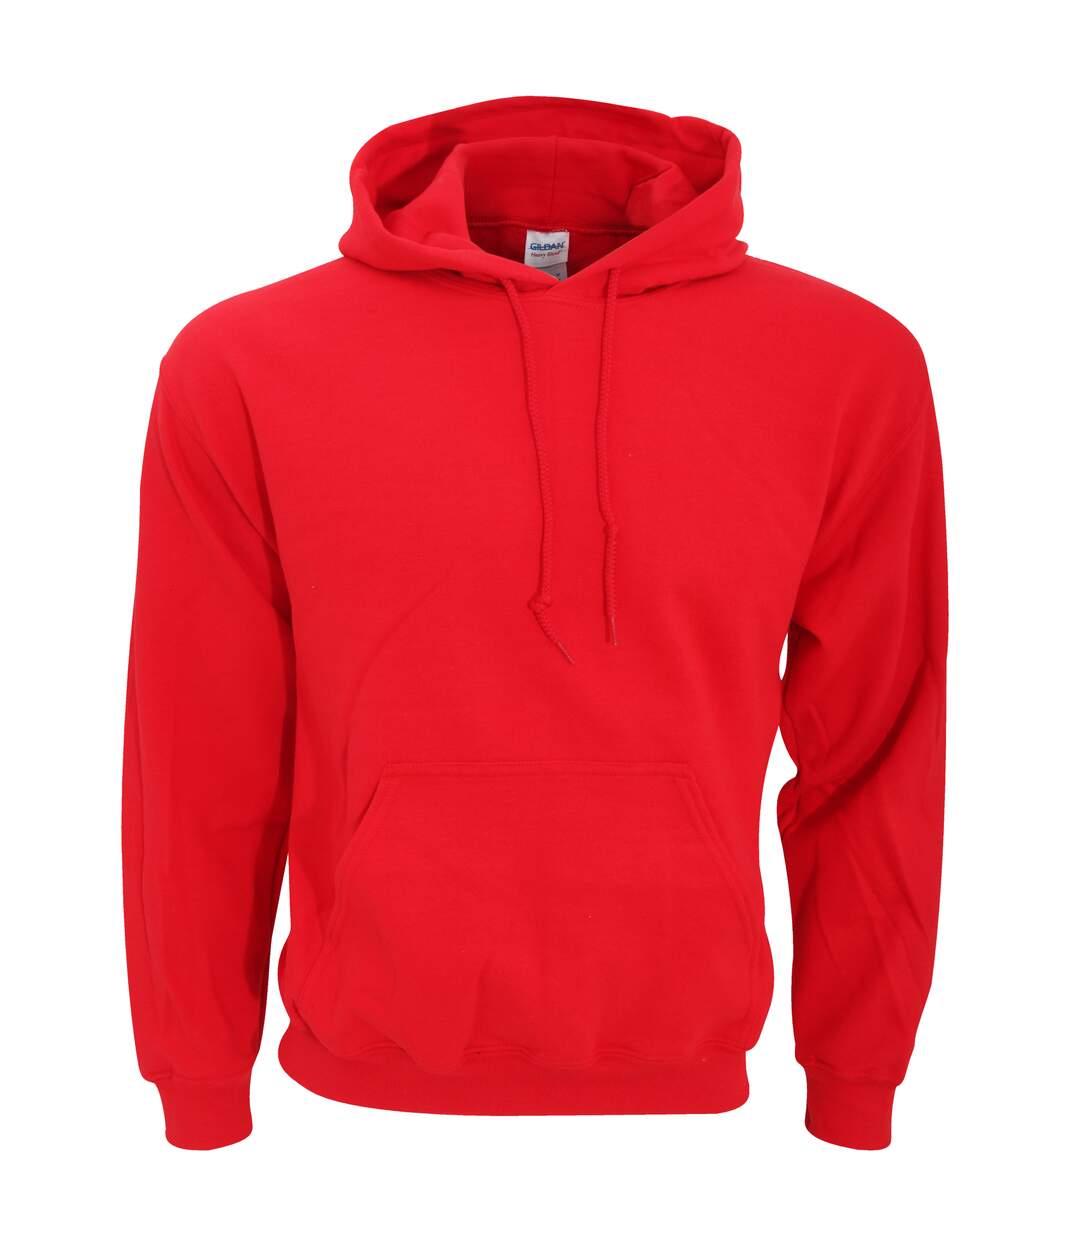 Gildan Heavy Blend Adult Unisex Hooded Sweatshirt / Hoodie (Orange) - UTBC468